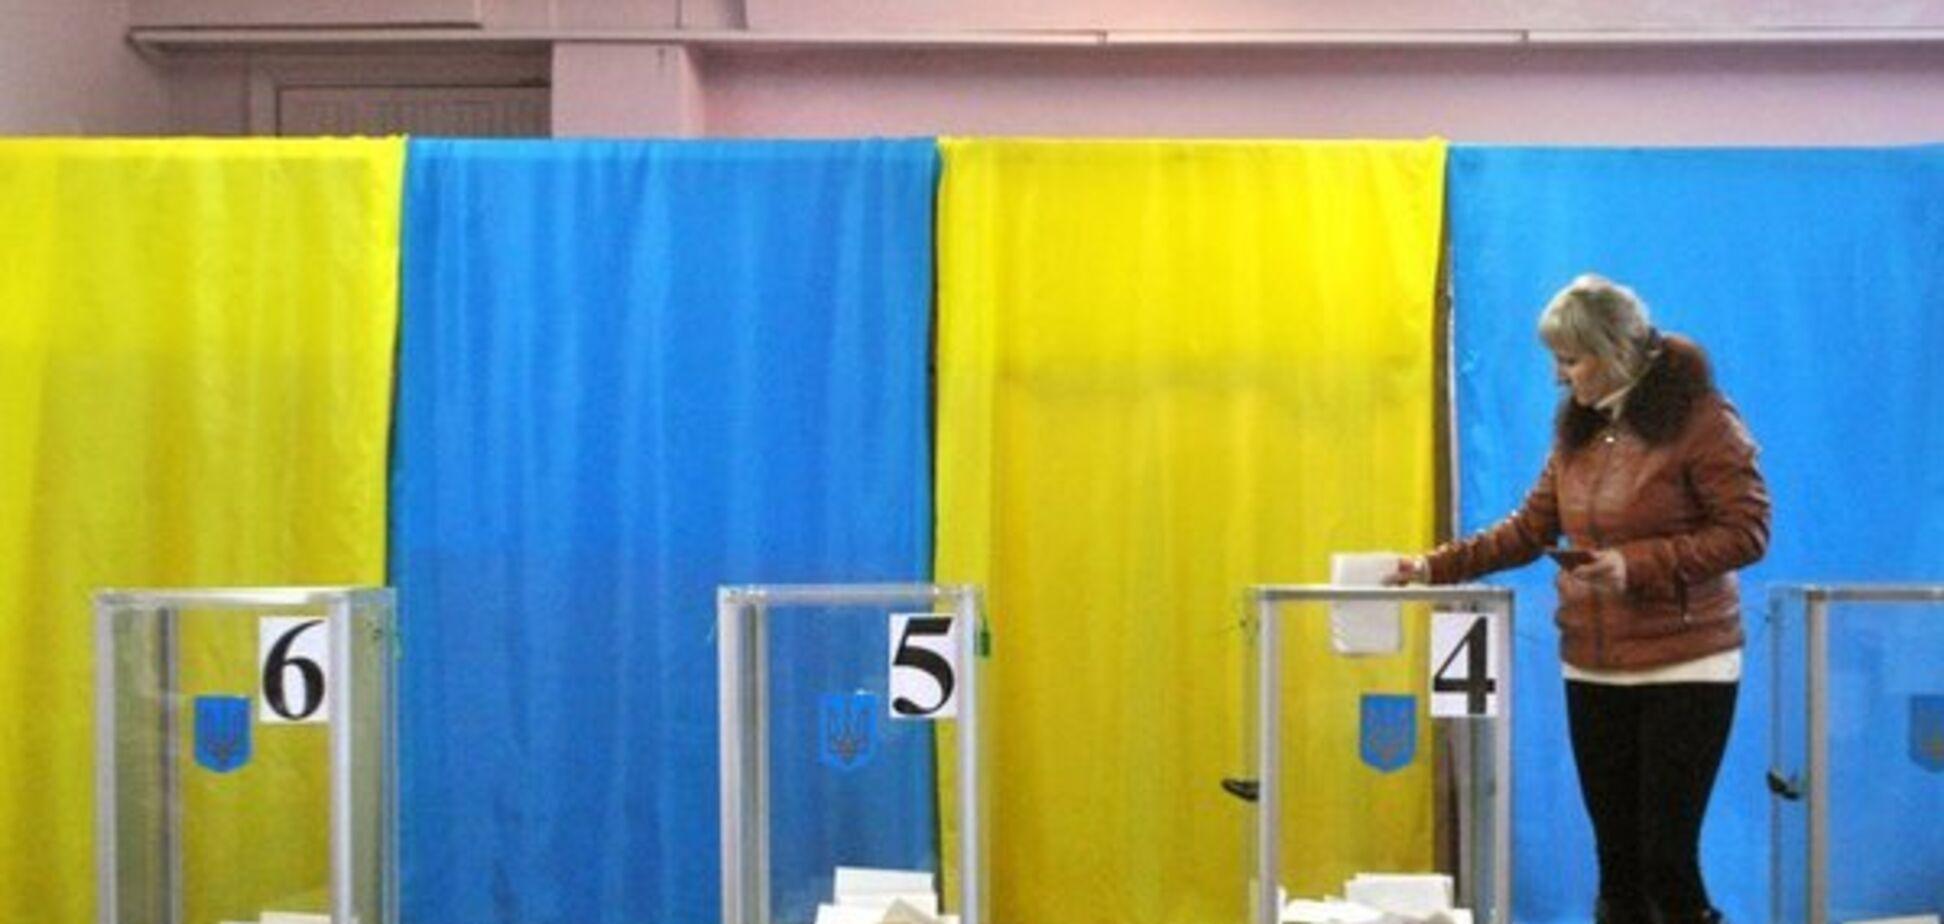 ''Возможны фальсификации'': в одной из областей рекордное количество голосующих дома